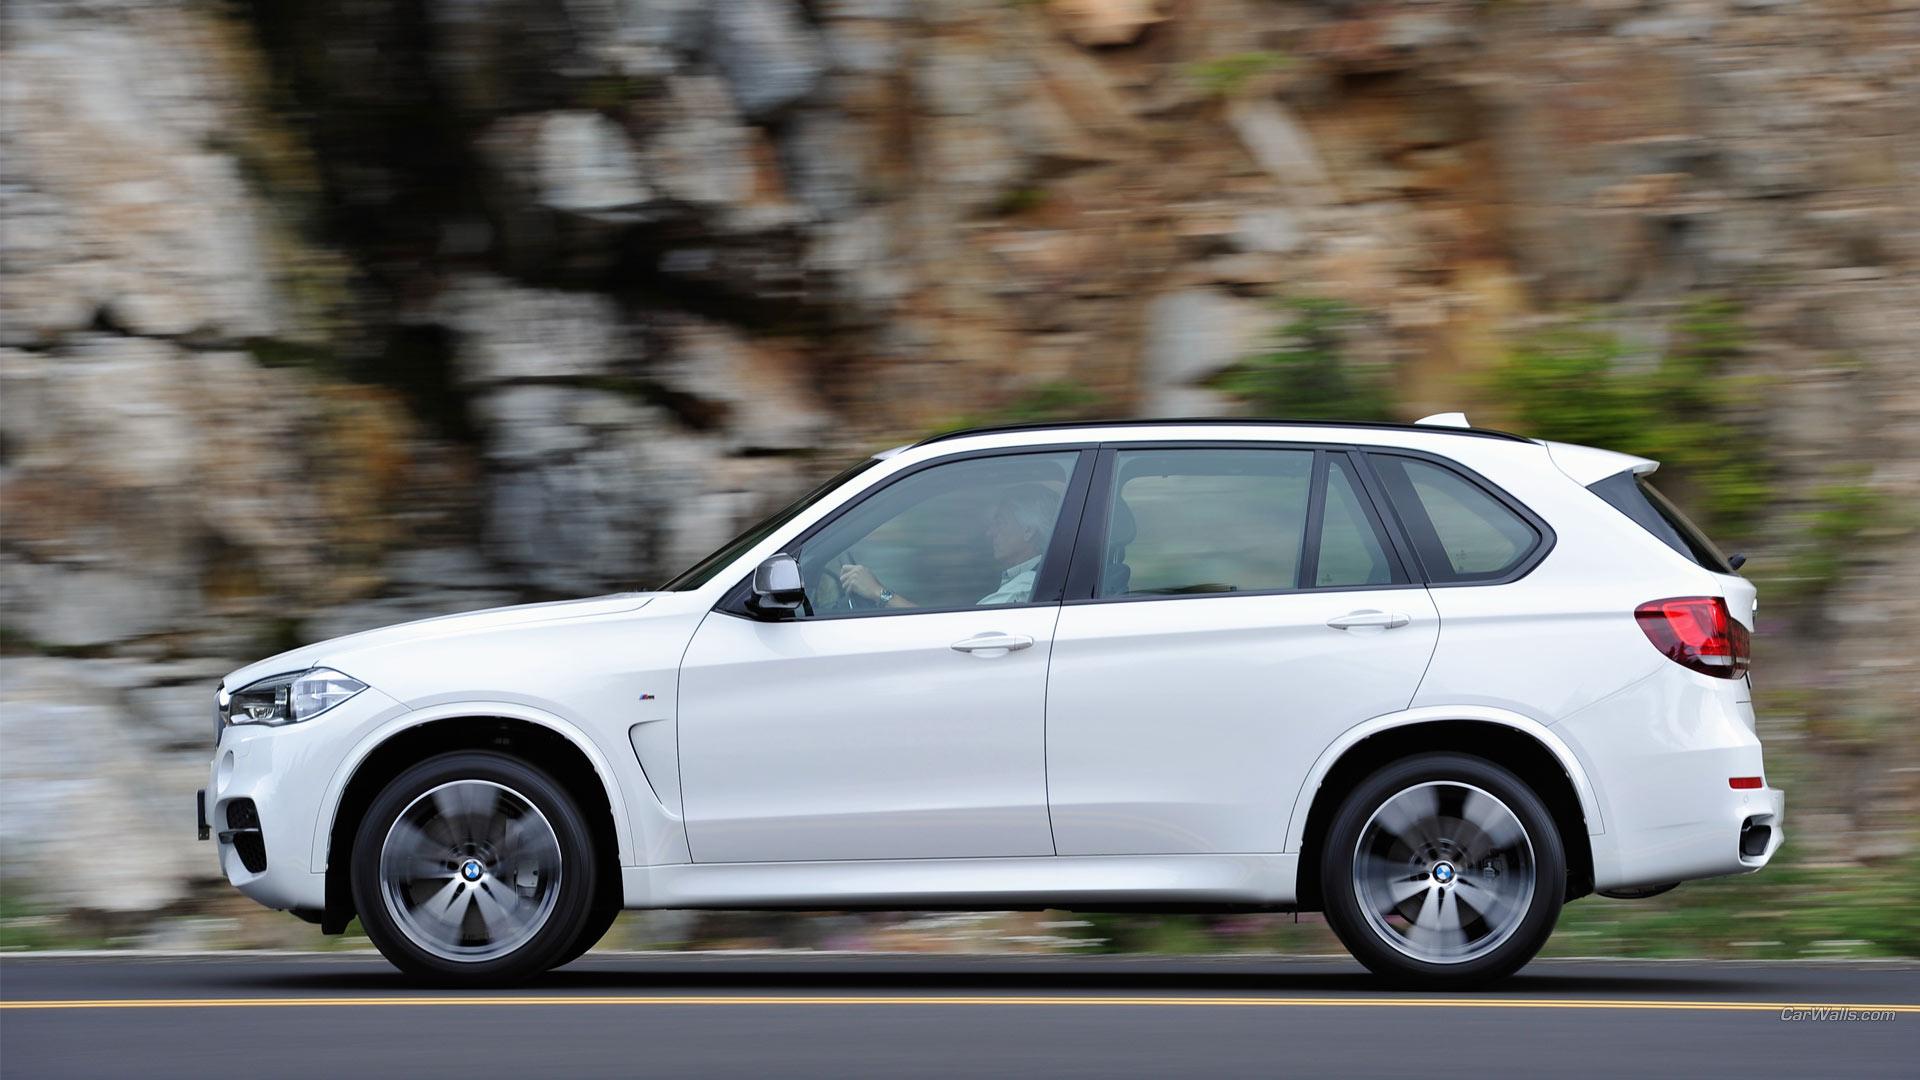 2014 Bmw X5 Fuel Economy Autos Post